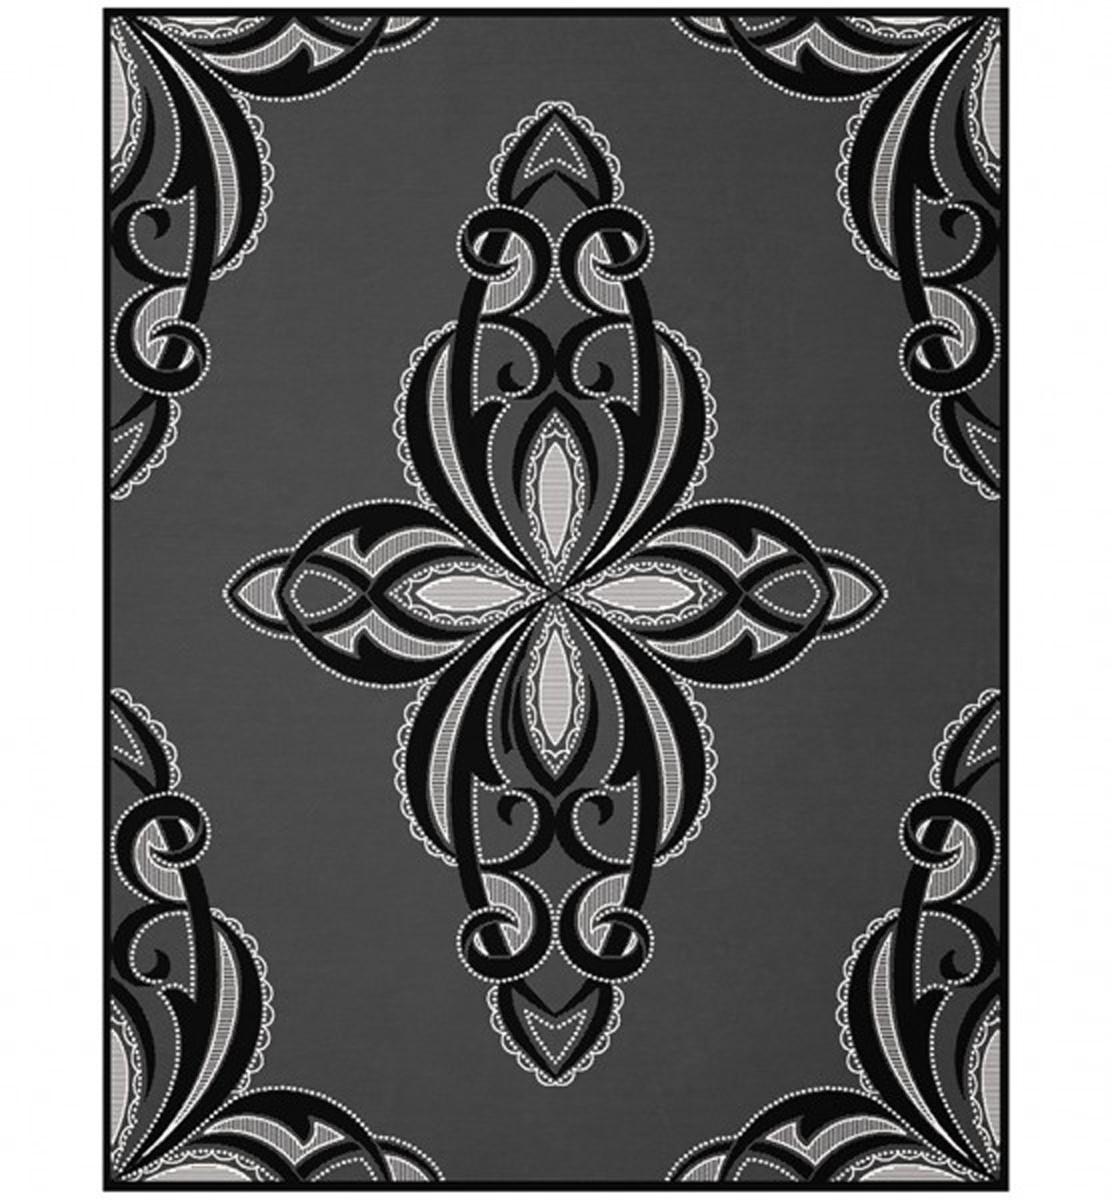 marken wohntextilien biederlackborbo bocasa thermosoft top decke 150x200 cm facette schwarz. Black Bedroom Furniture Sets. Home Design Ideas